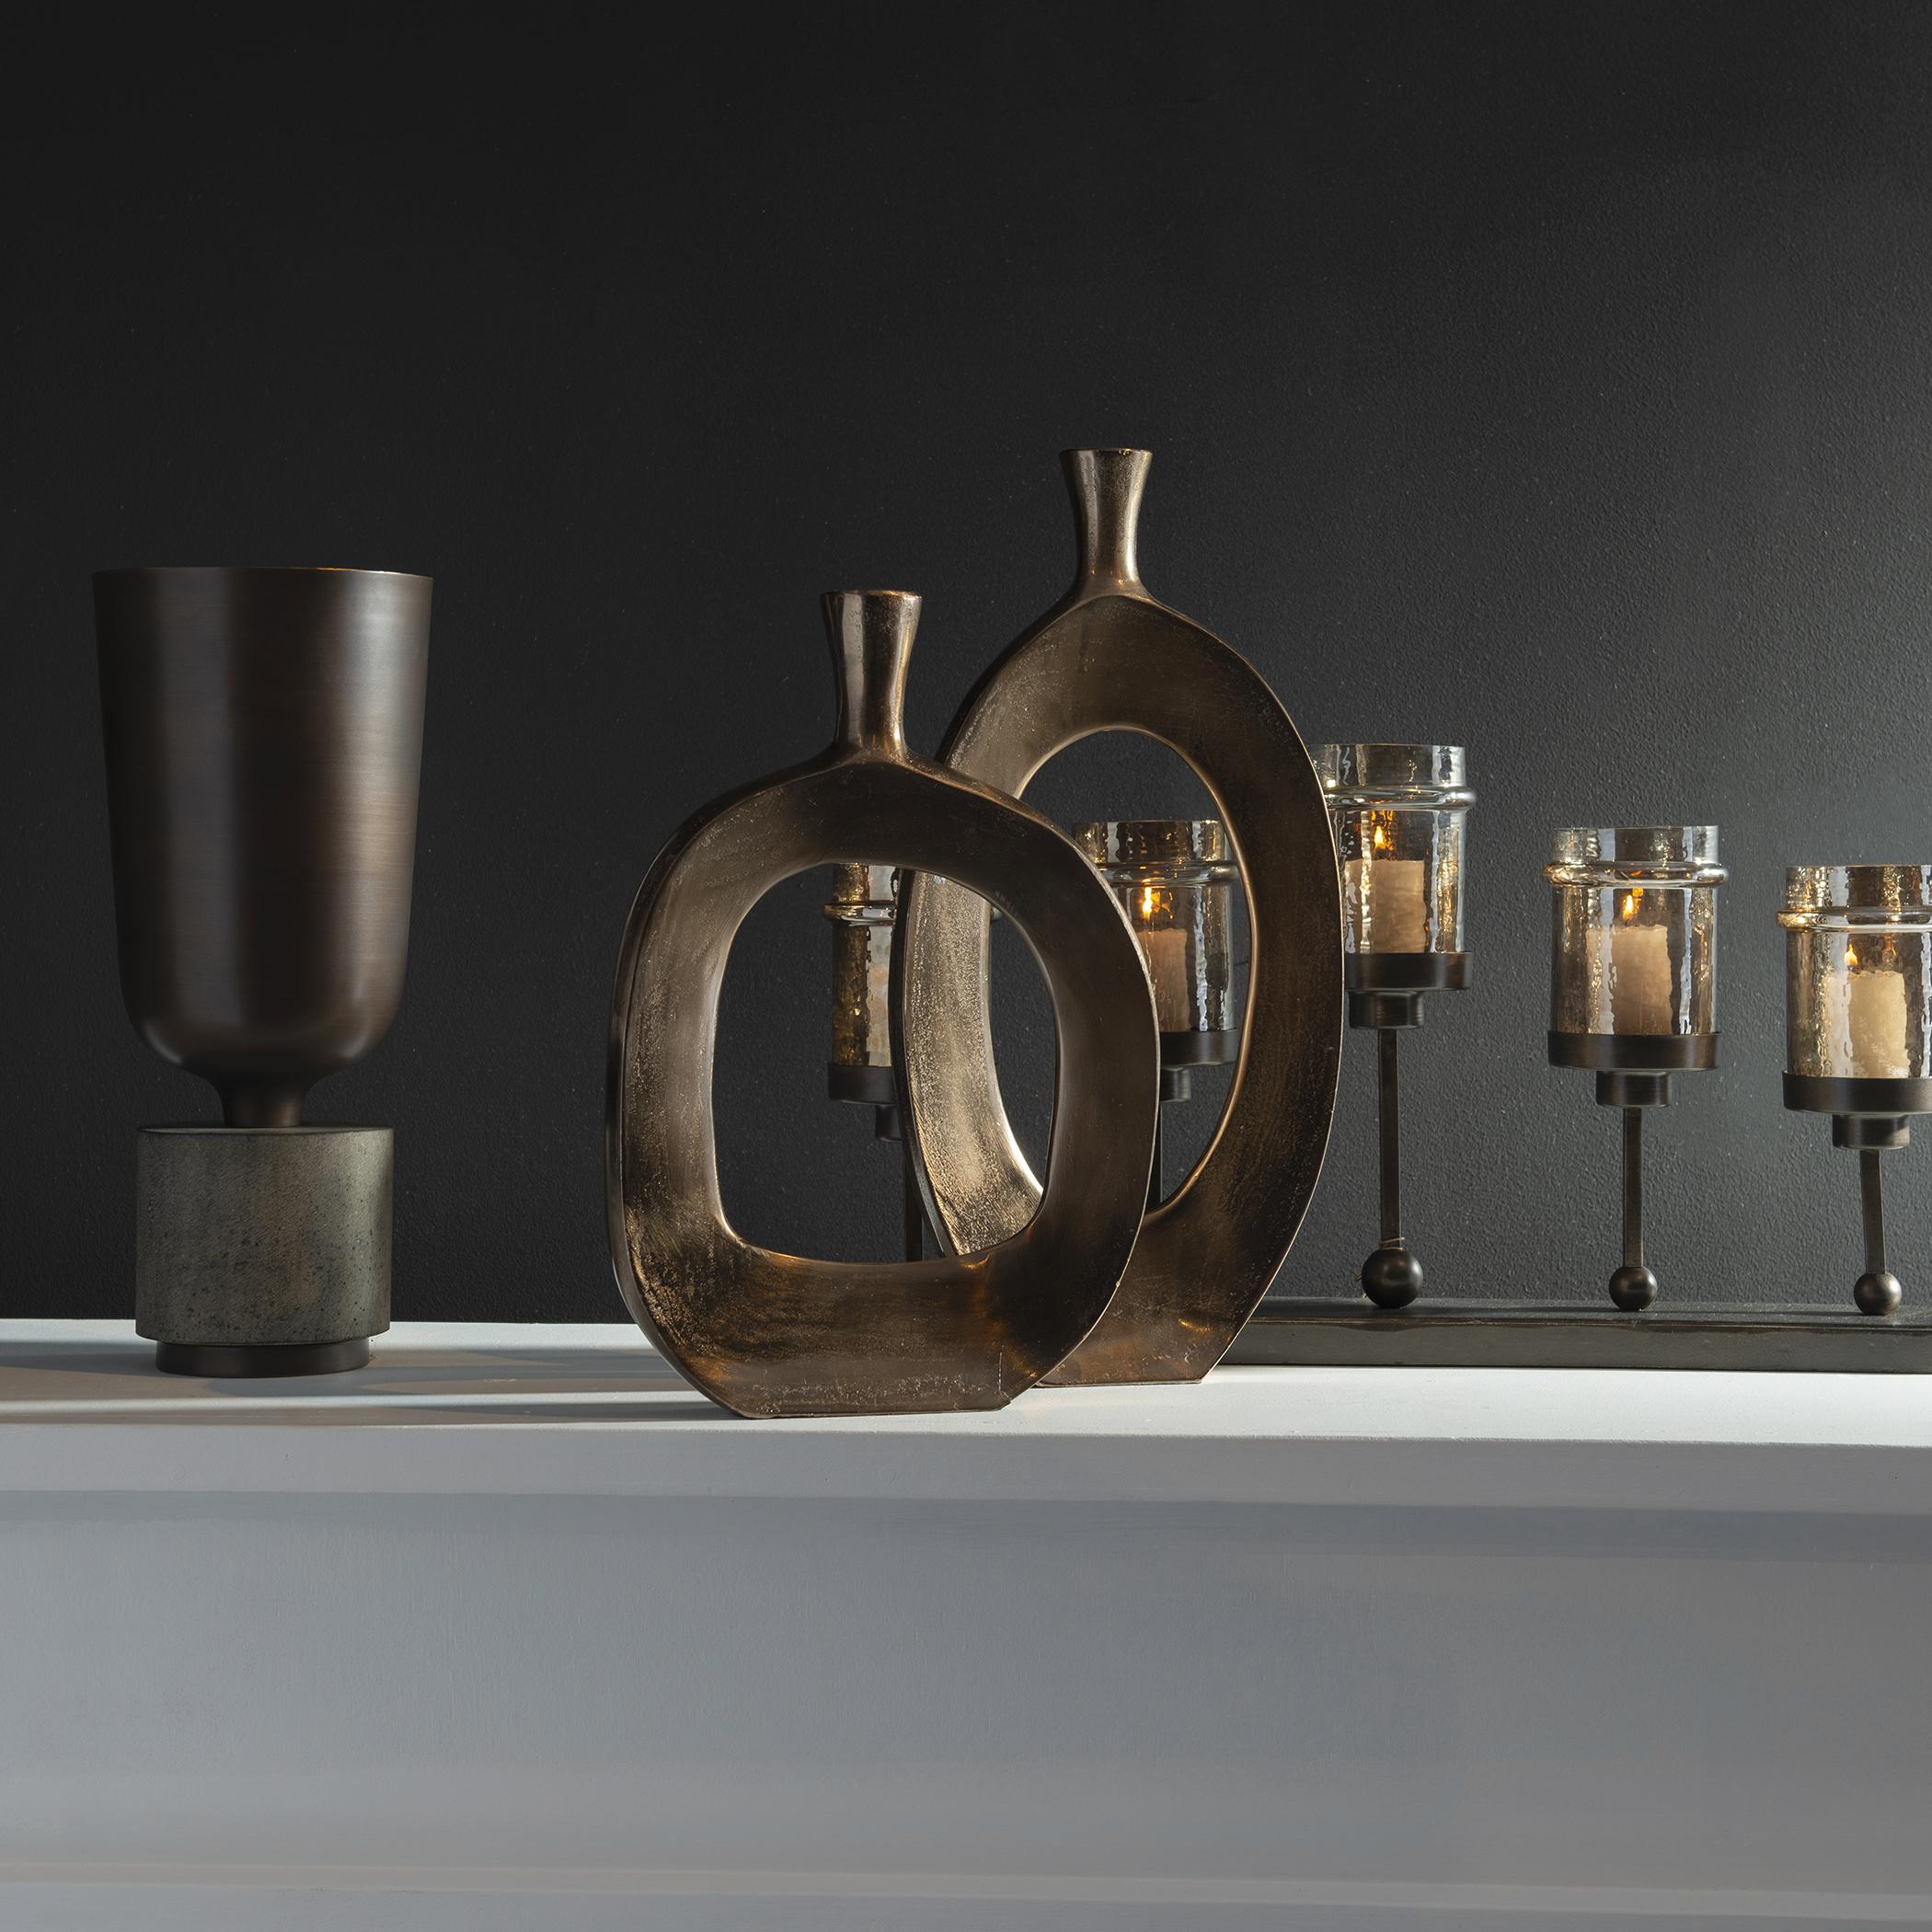 Kyler Textured Bronze Vases, Set of 2